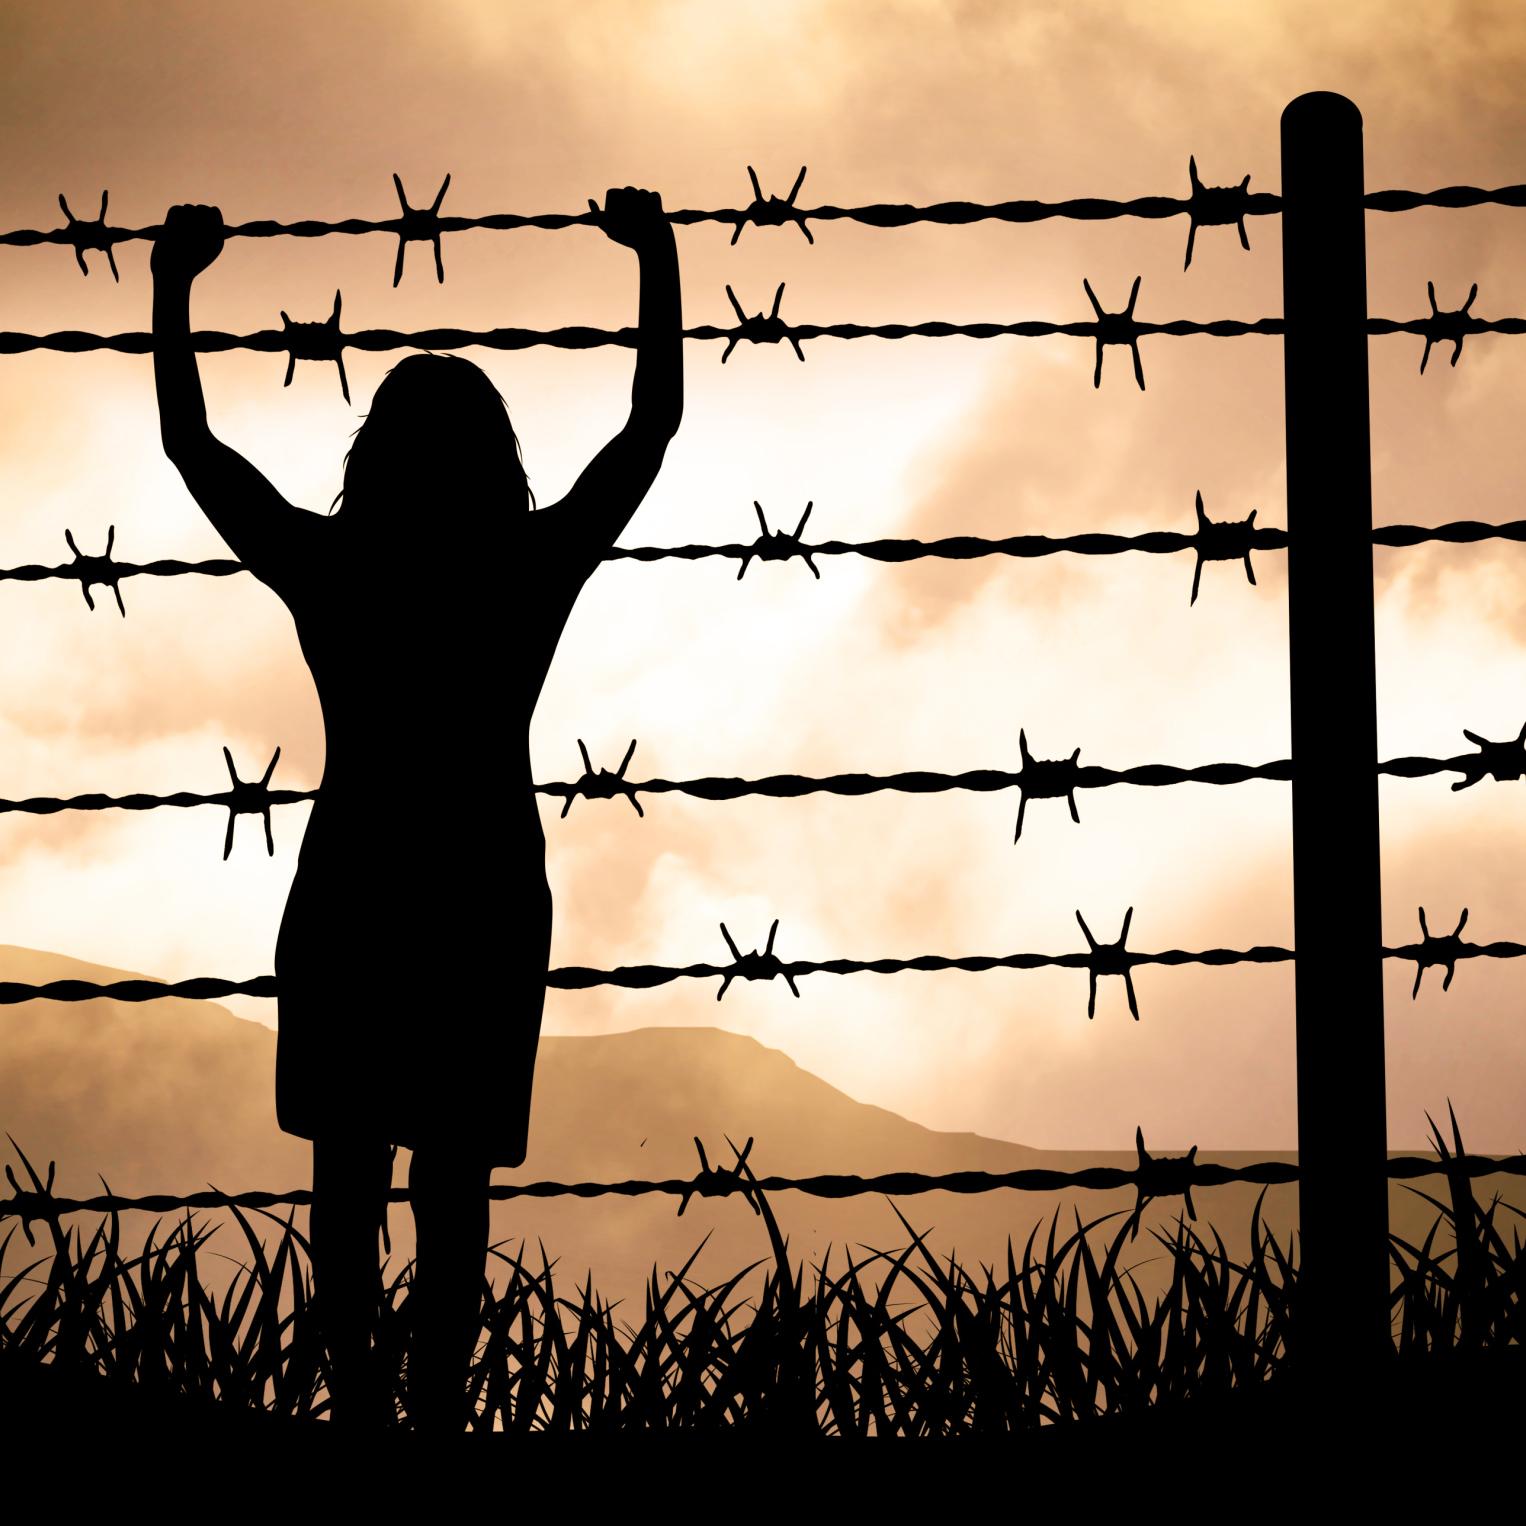 Открытка, картинки с надписями о тюрьме